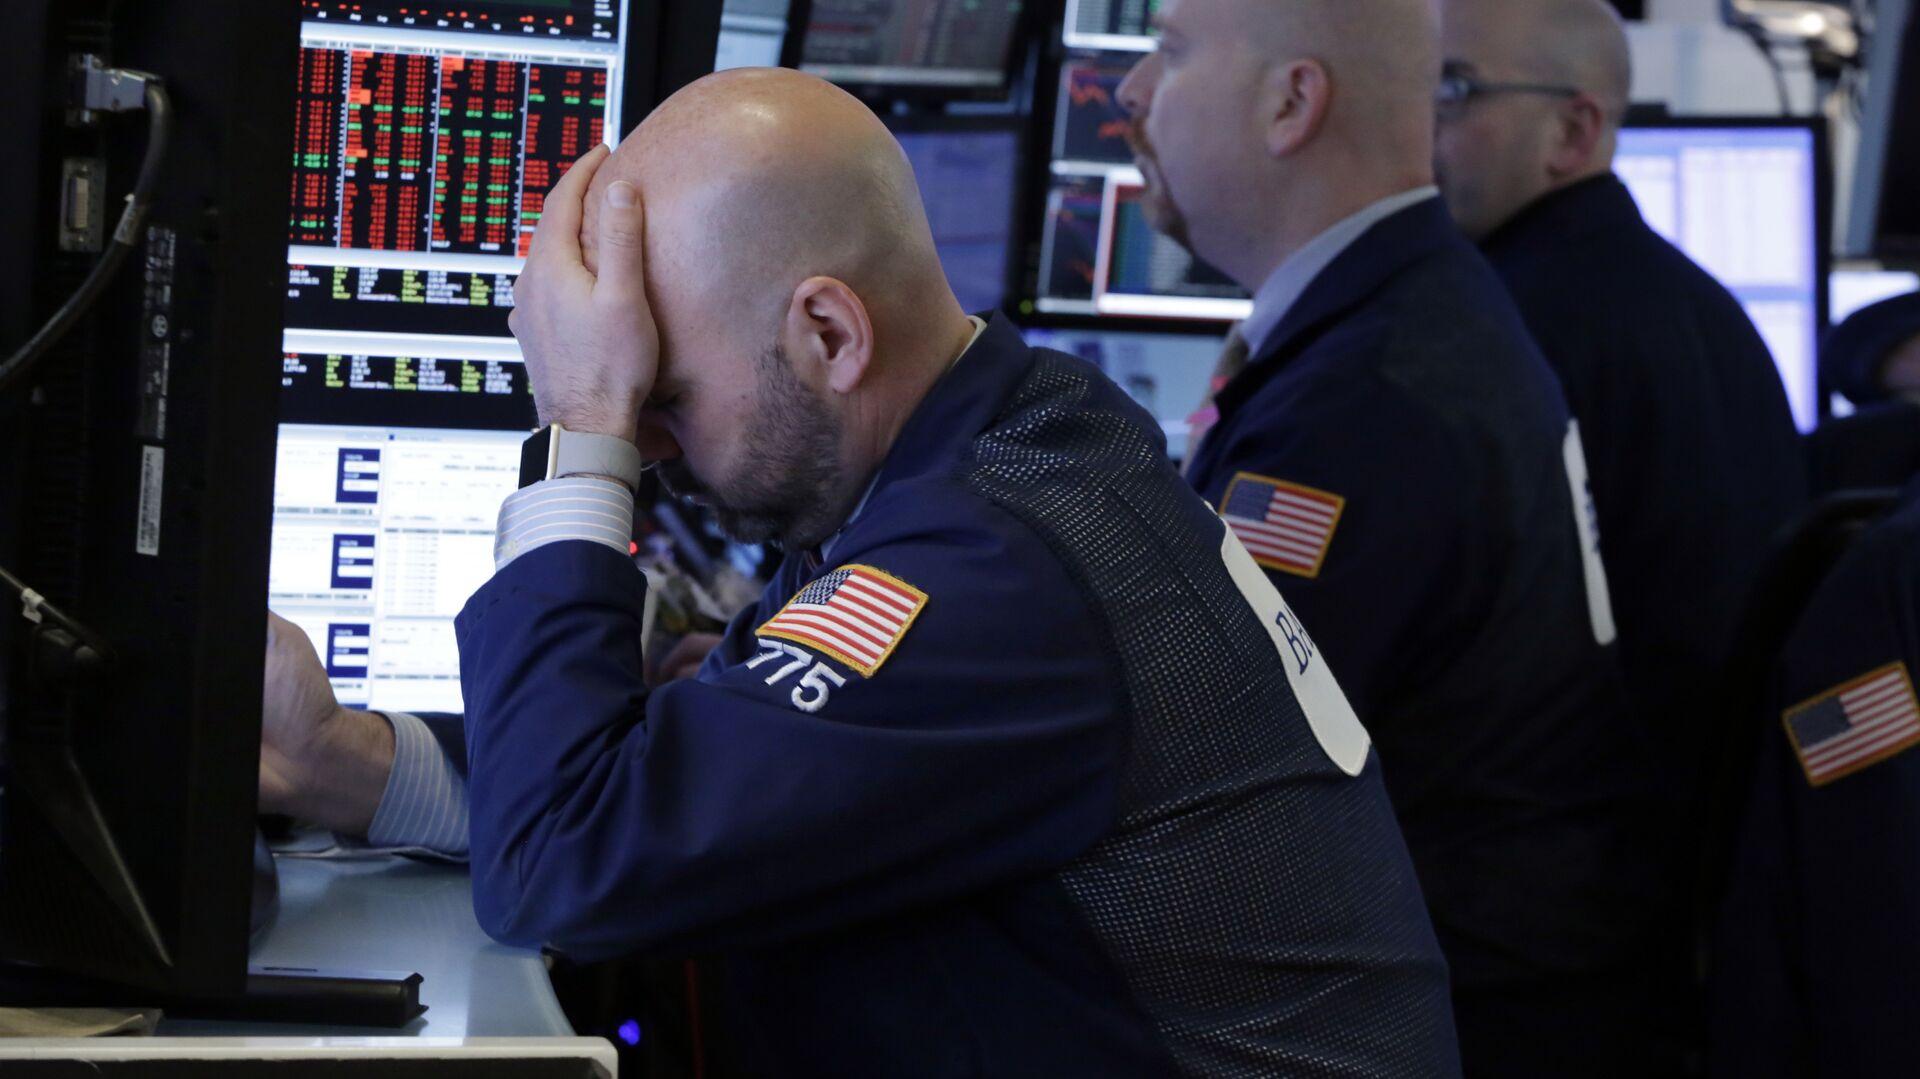 Bolsa de valores (referencial) - Sputnik Mundo, 1920, 30.09.2021